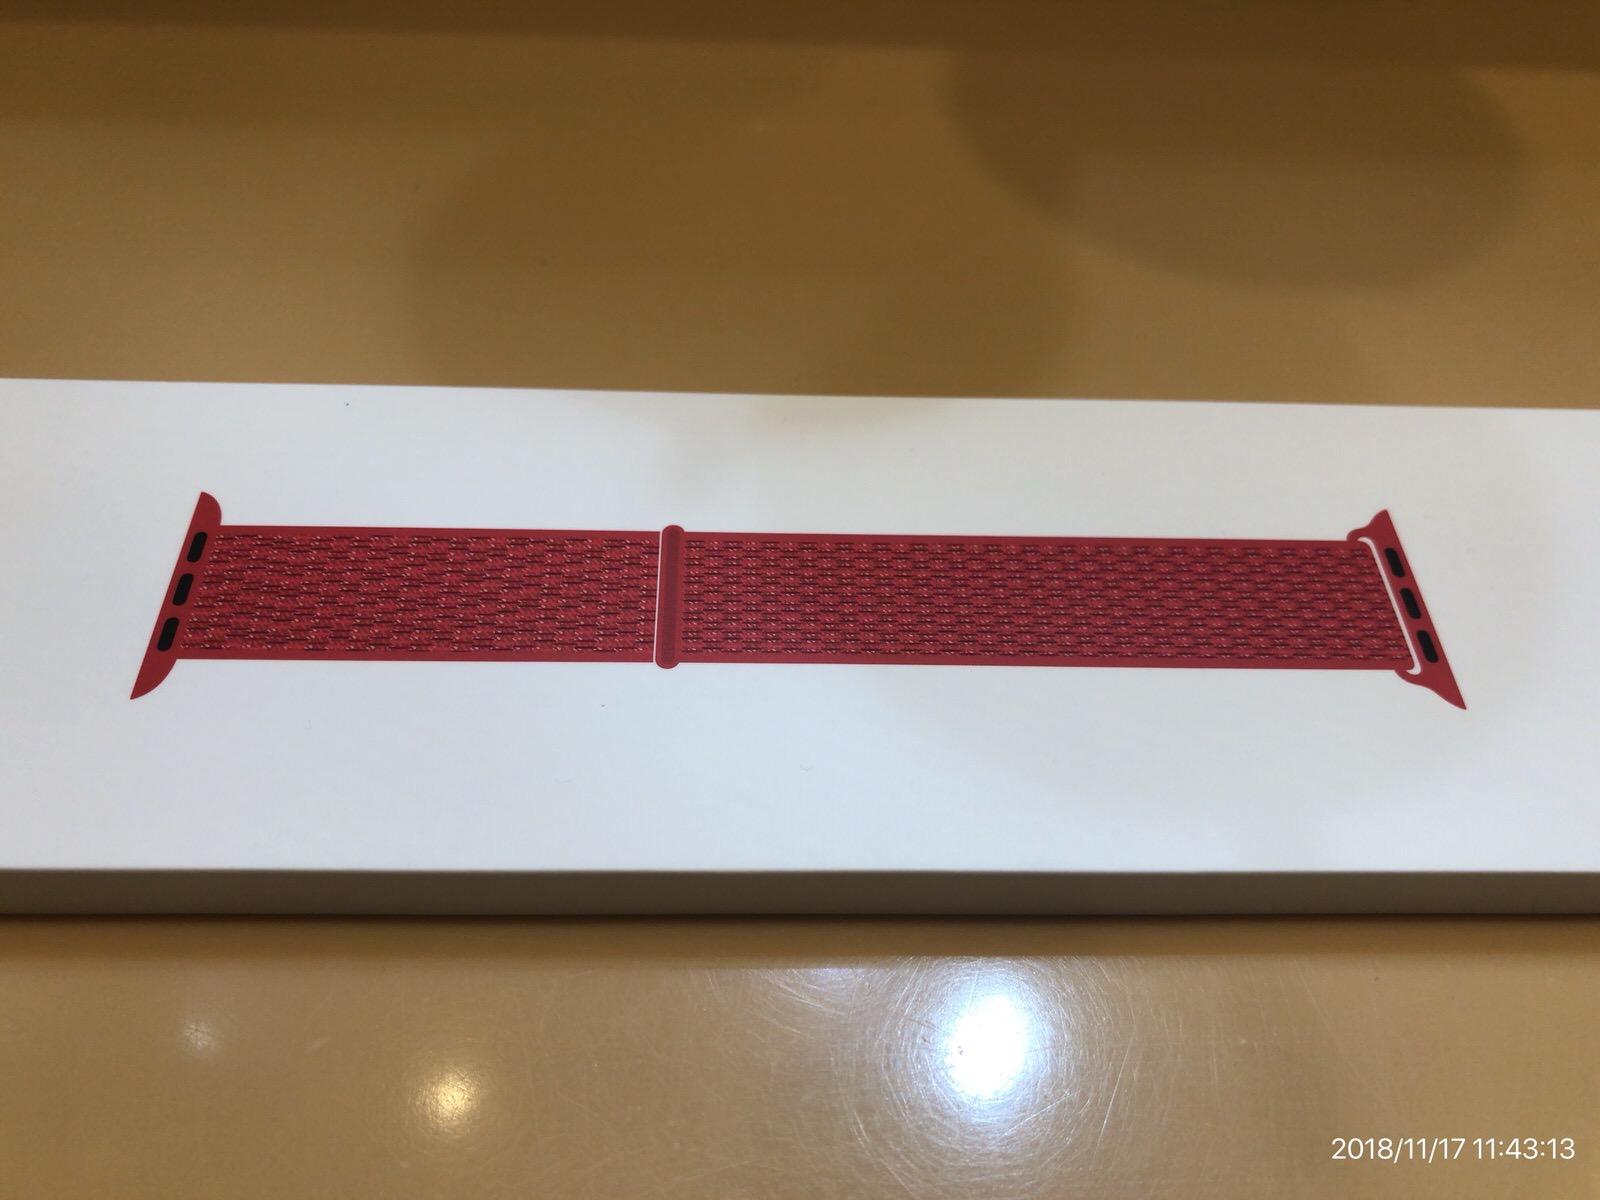 44mmケース用(PRODUCT)REDスポーツルー3